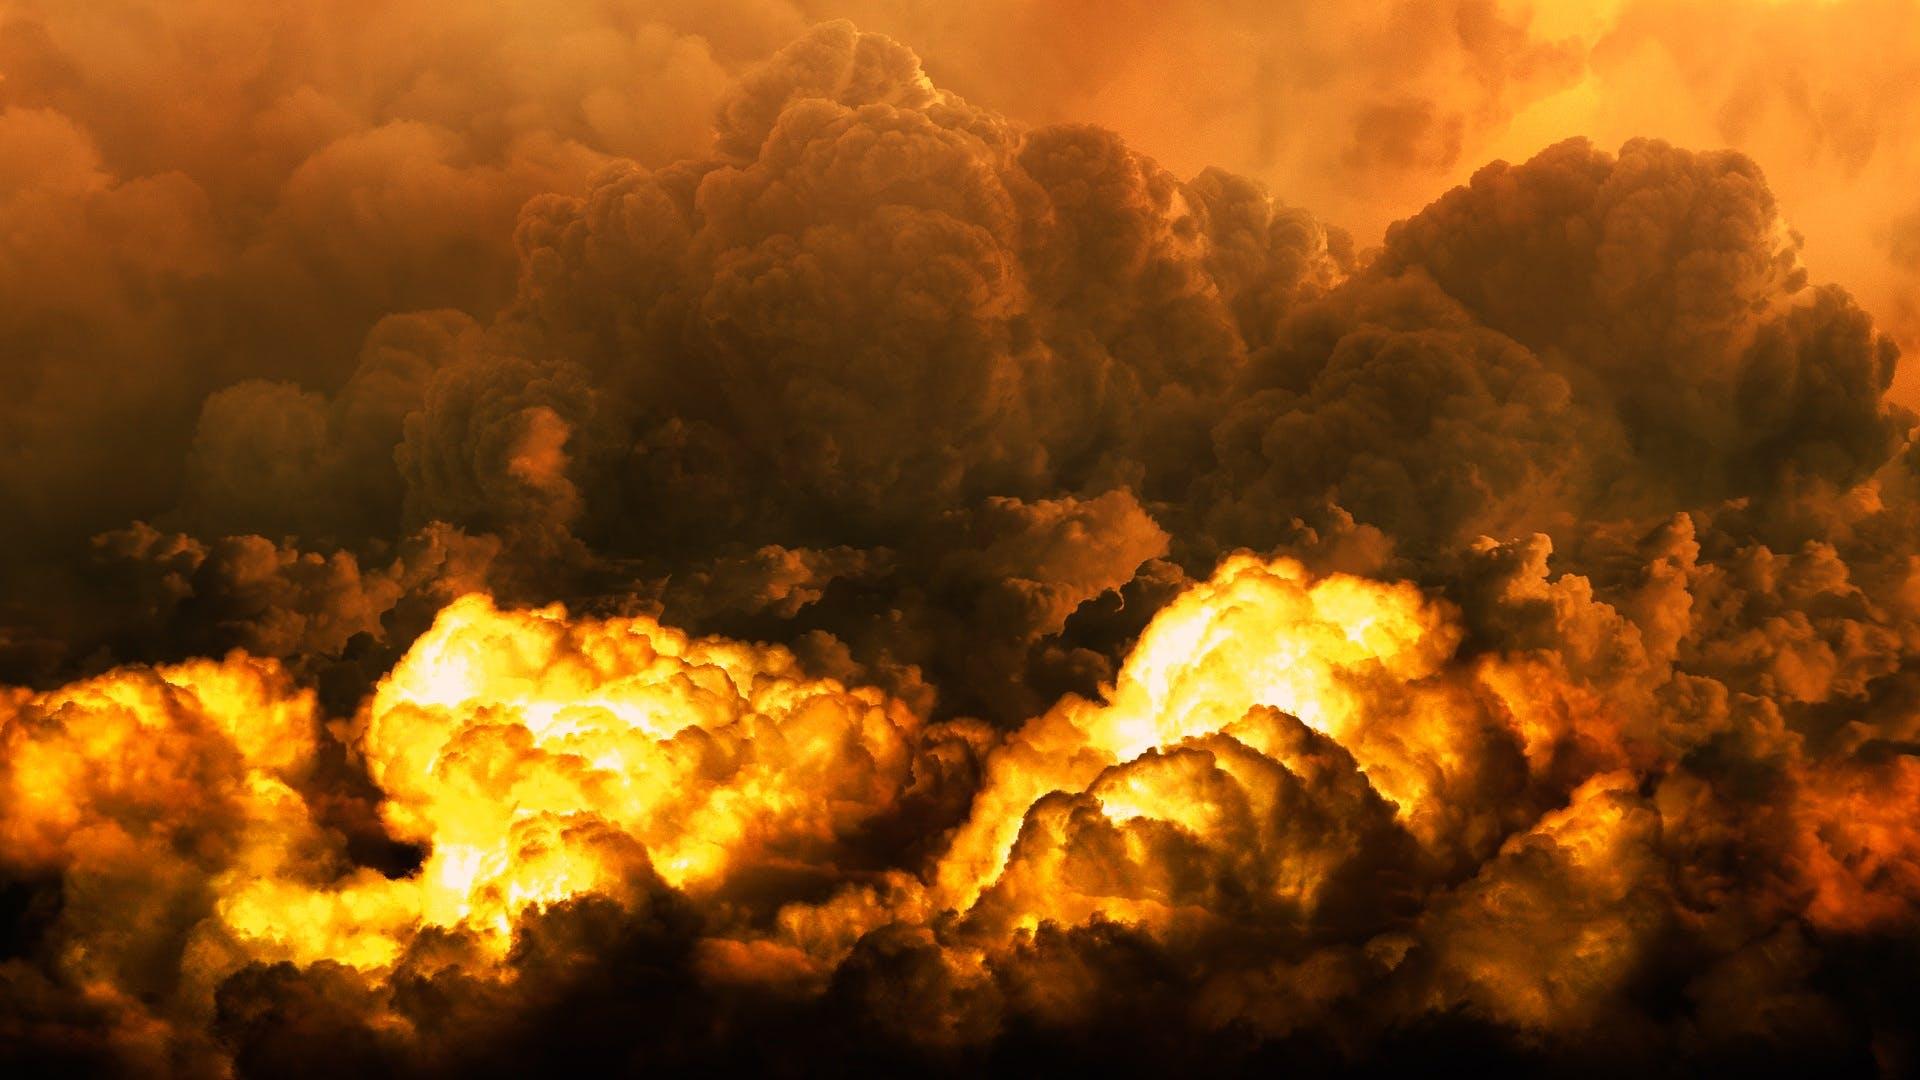 Explosion Smoke